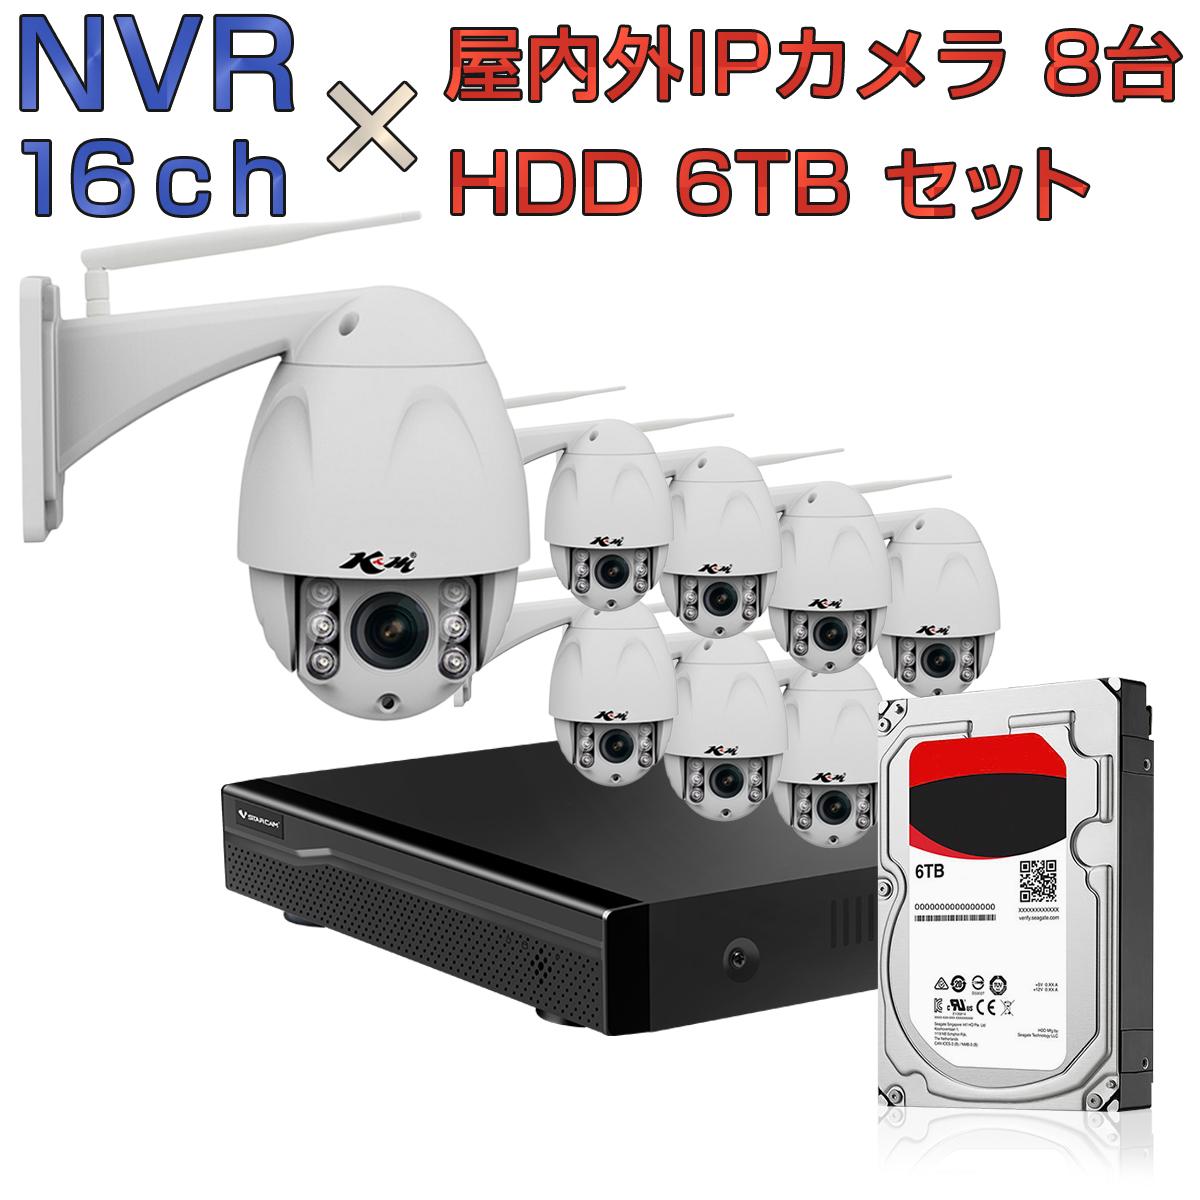 NVR ネットワークビデオレコーダー 16ch HDD6TB内蔵 C34S 200万画素カメラ 8台セット IP ONVIF形式 スマホ対応 遠隔監視 1080P FHD 動体検知 同時出力 録音対応 H.265+ IPカメラレコーダー監視システム 宅配便送料無料 1年保証 K&M